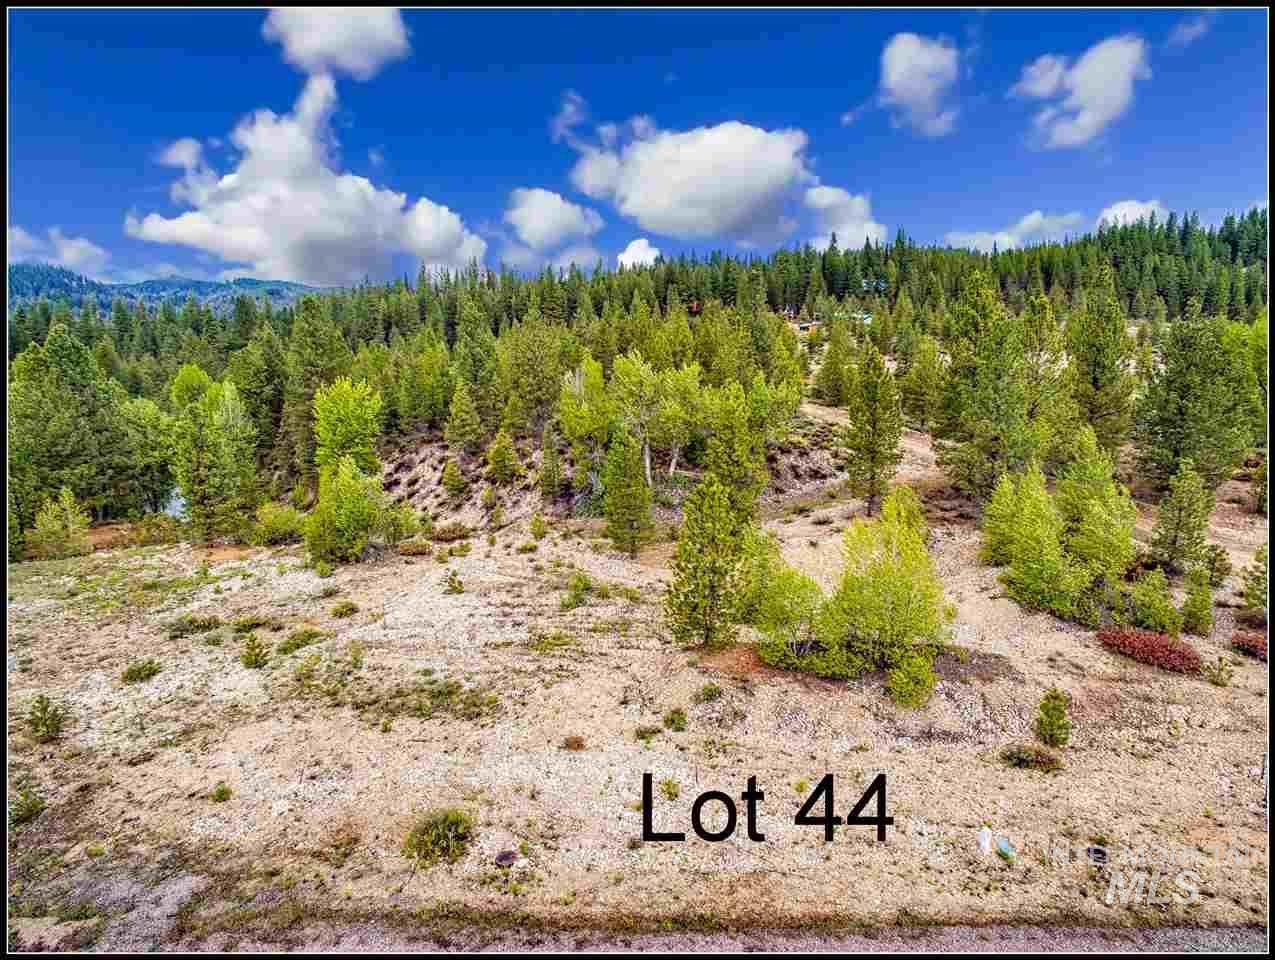 Lot 44 Mores Creek Dr - Photo 1